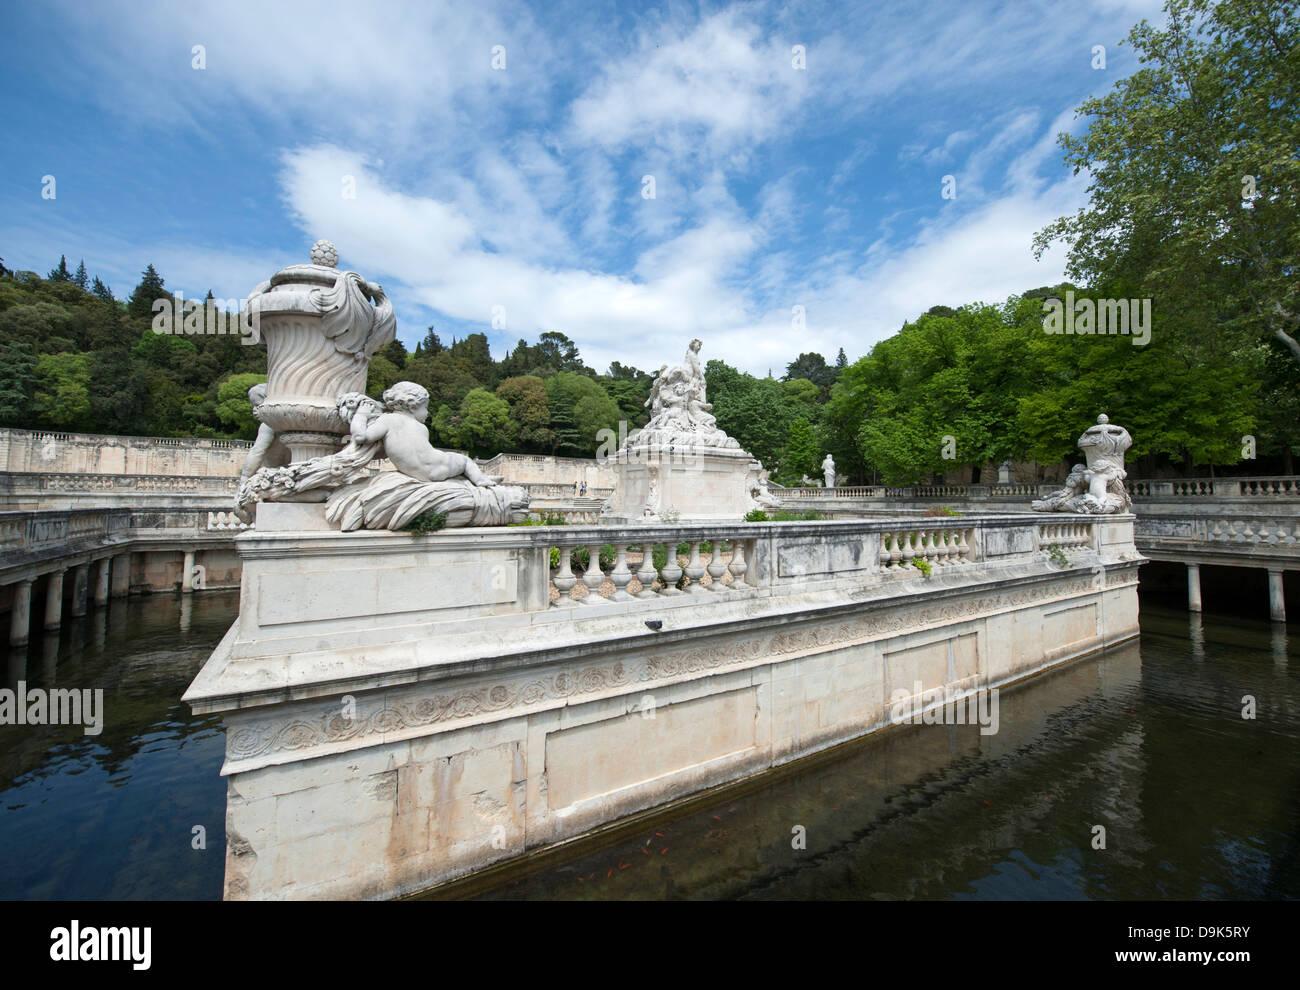 Le Nymphée con gruppo di sculture nel parco Les Jardin de la Fontaine in Nimes, Francia Immagini Stock